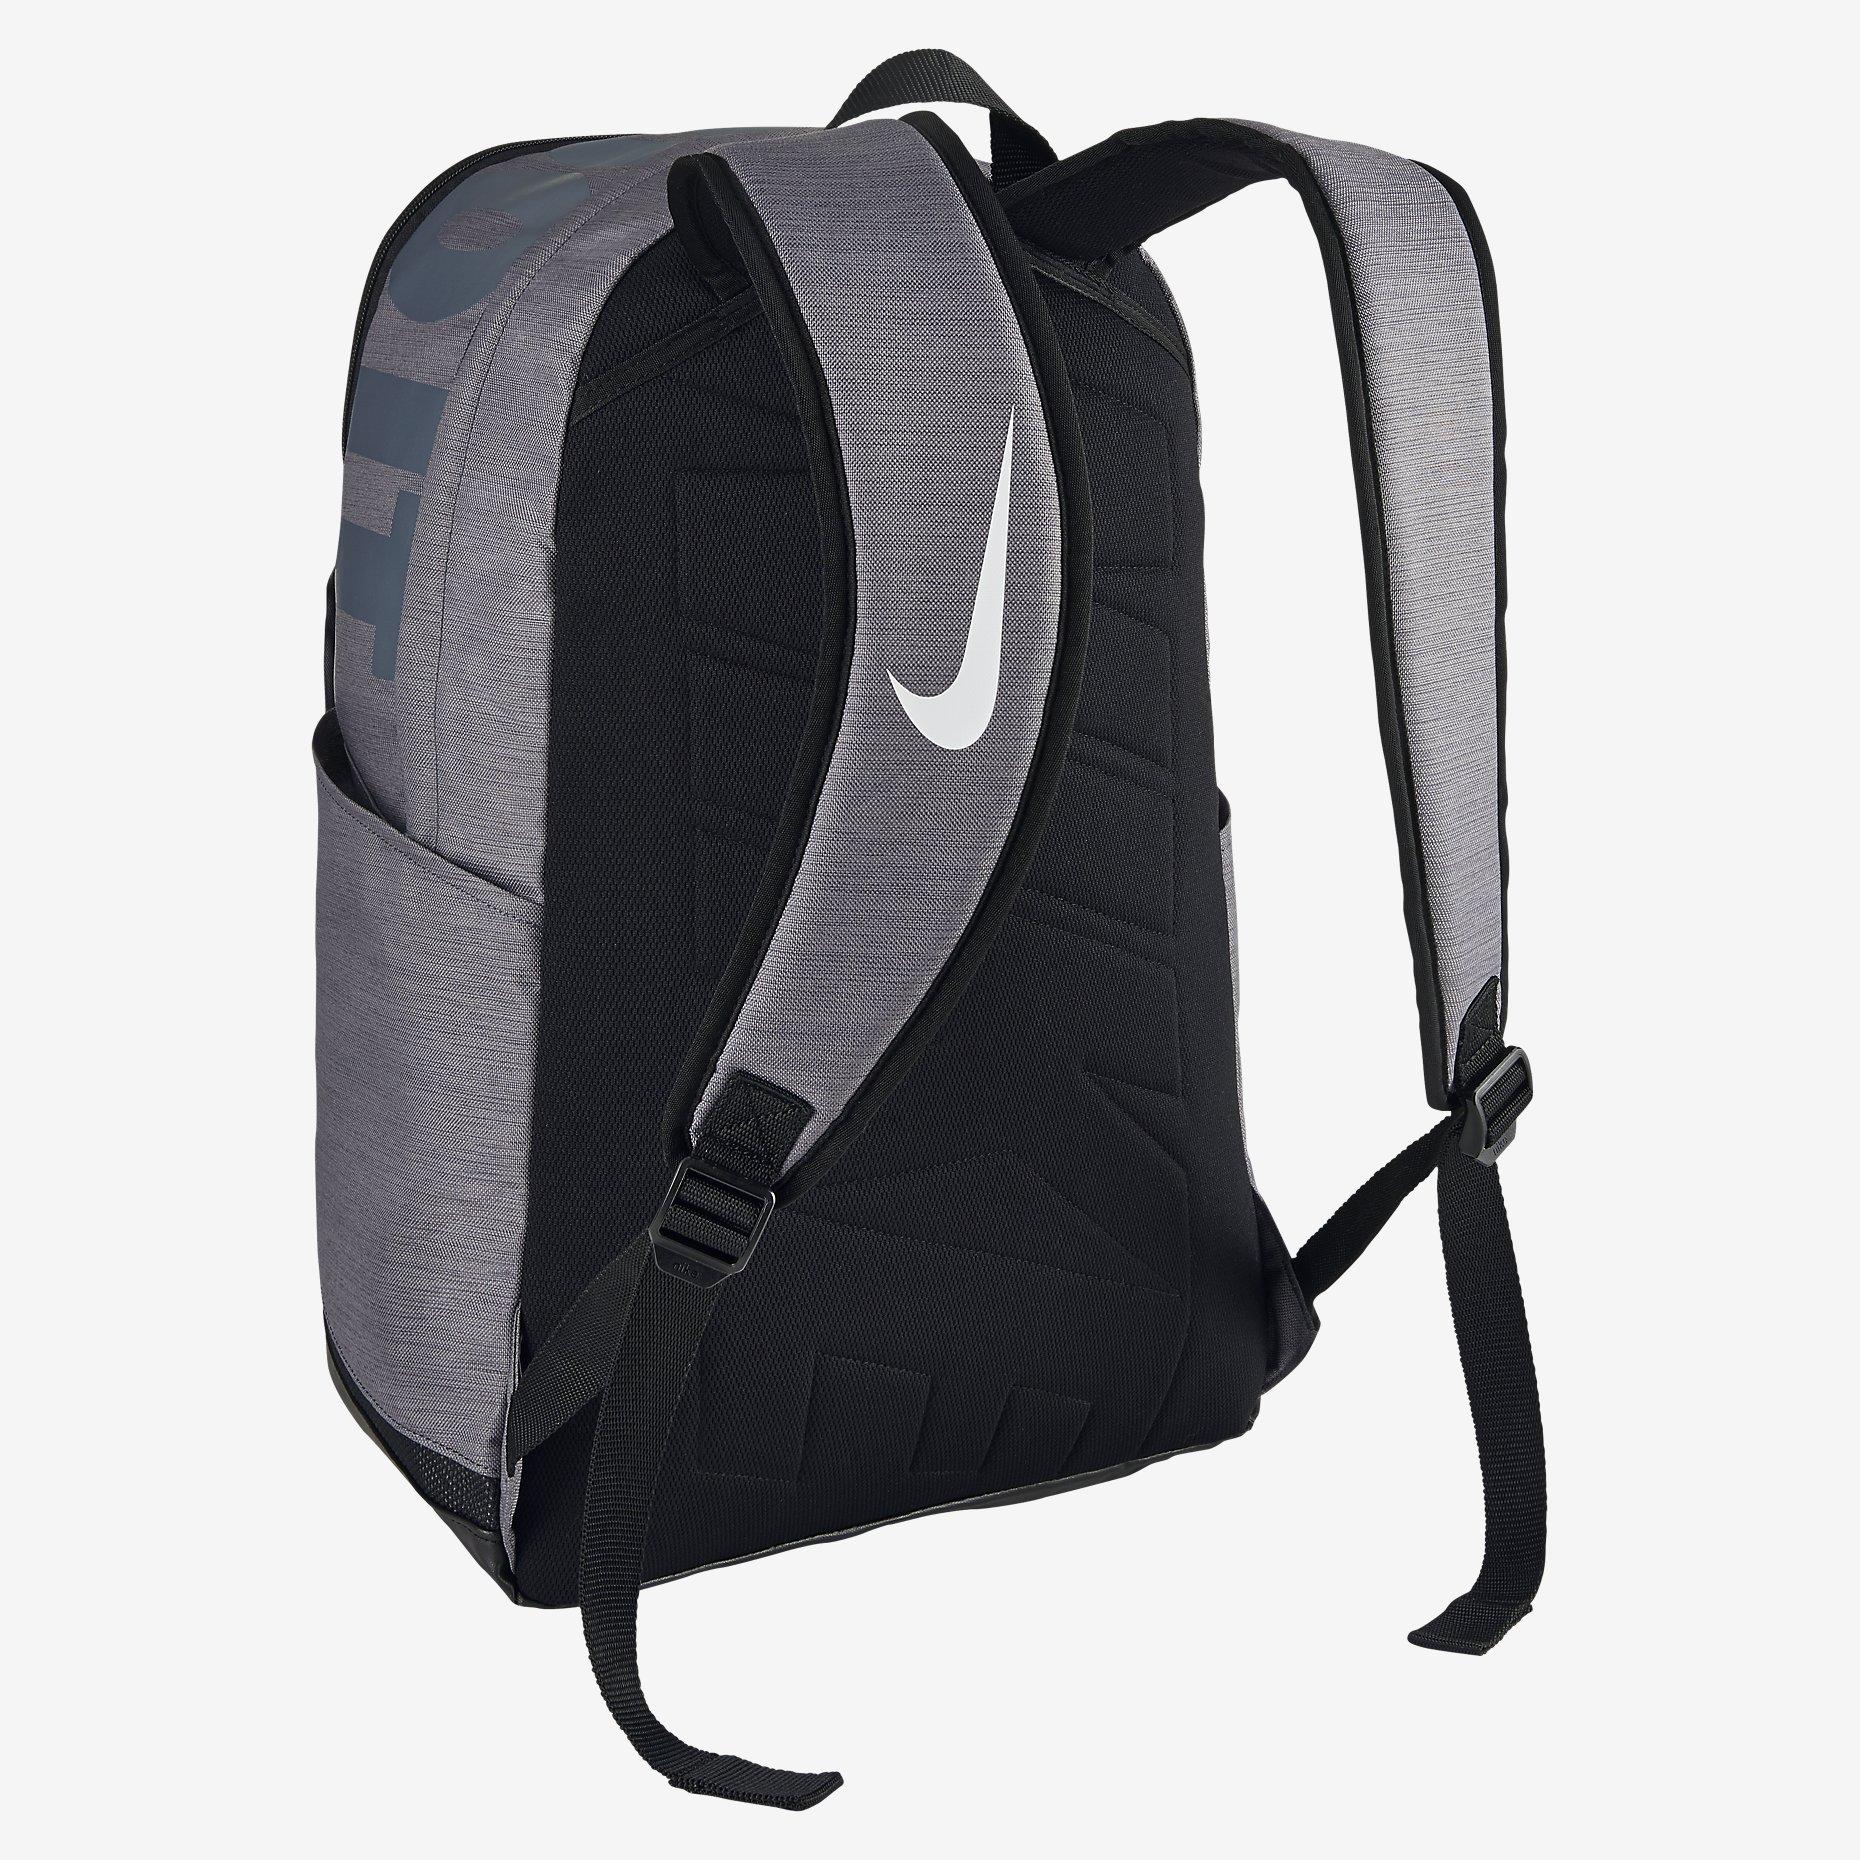 brasilia-extra-large-training-backpack (4).jpg